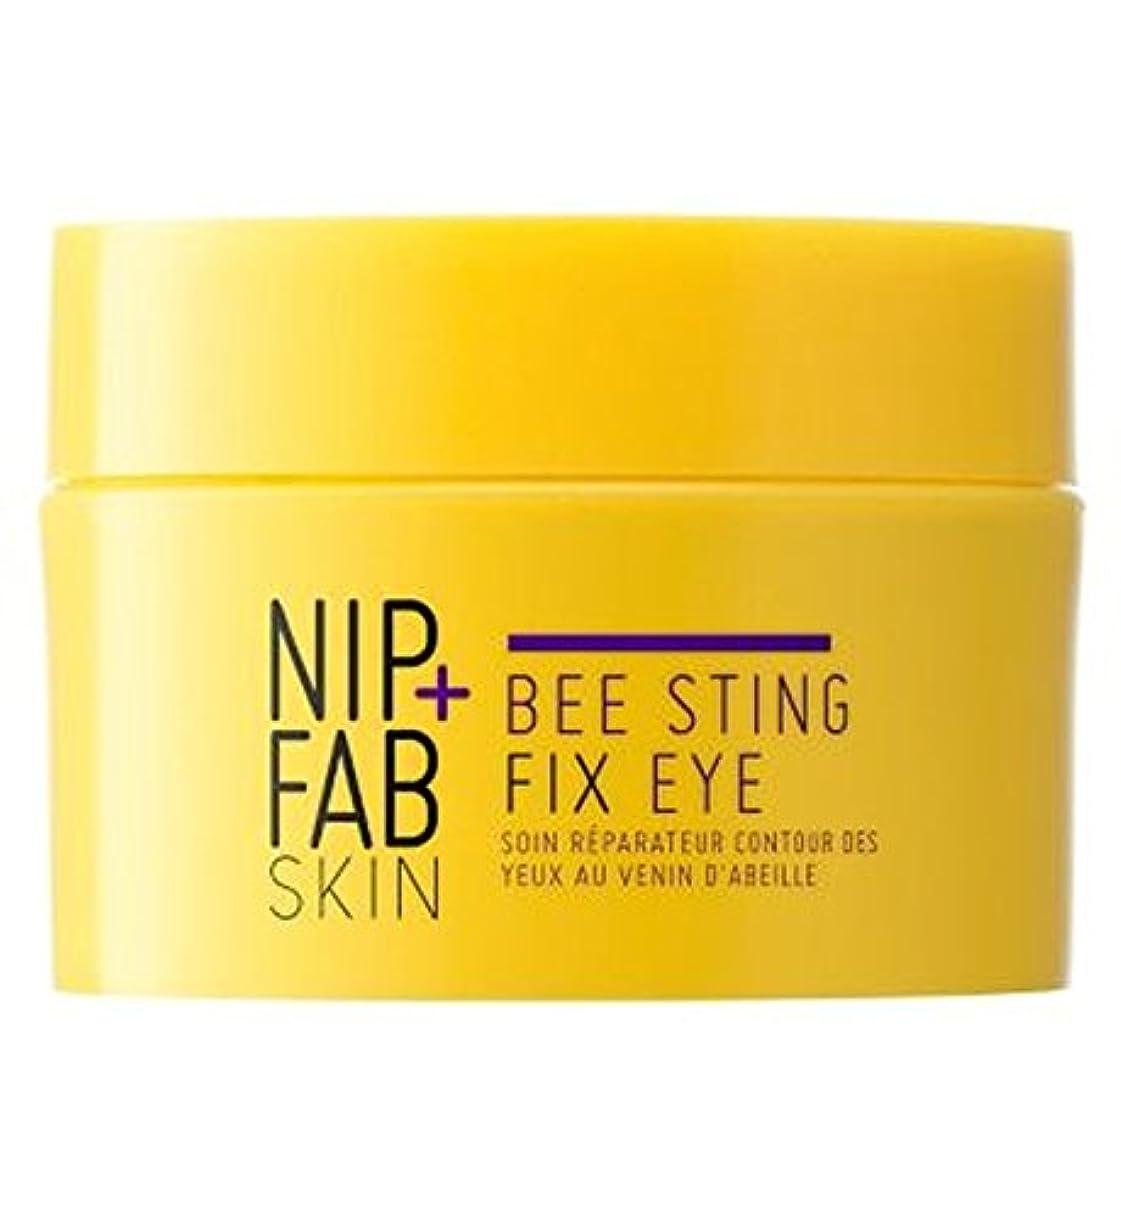 強風夢中散歩に行くNip+Fab Bee Sting Fix Eye Night - +ファブハチ刺されフィックス目の夜ニップ (Nip & Fab) [並行輸入品]